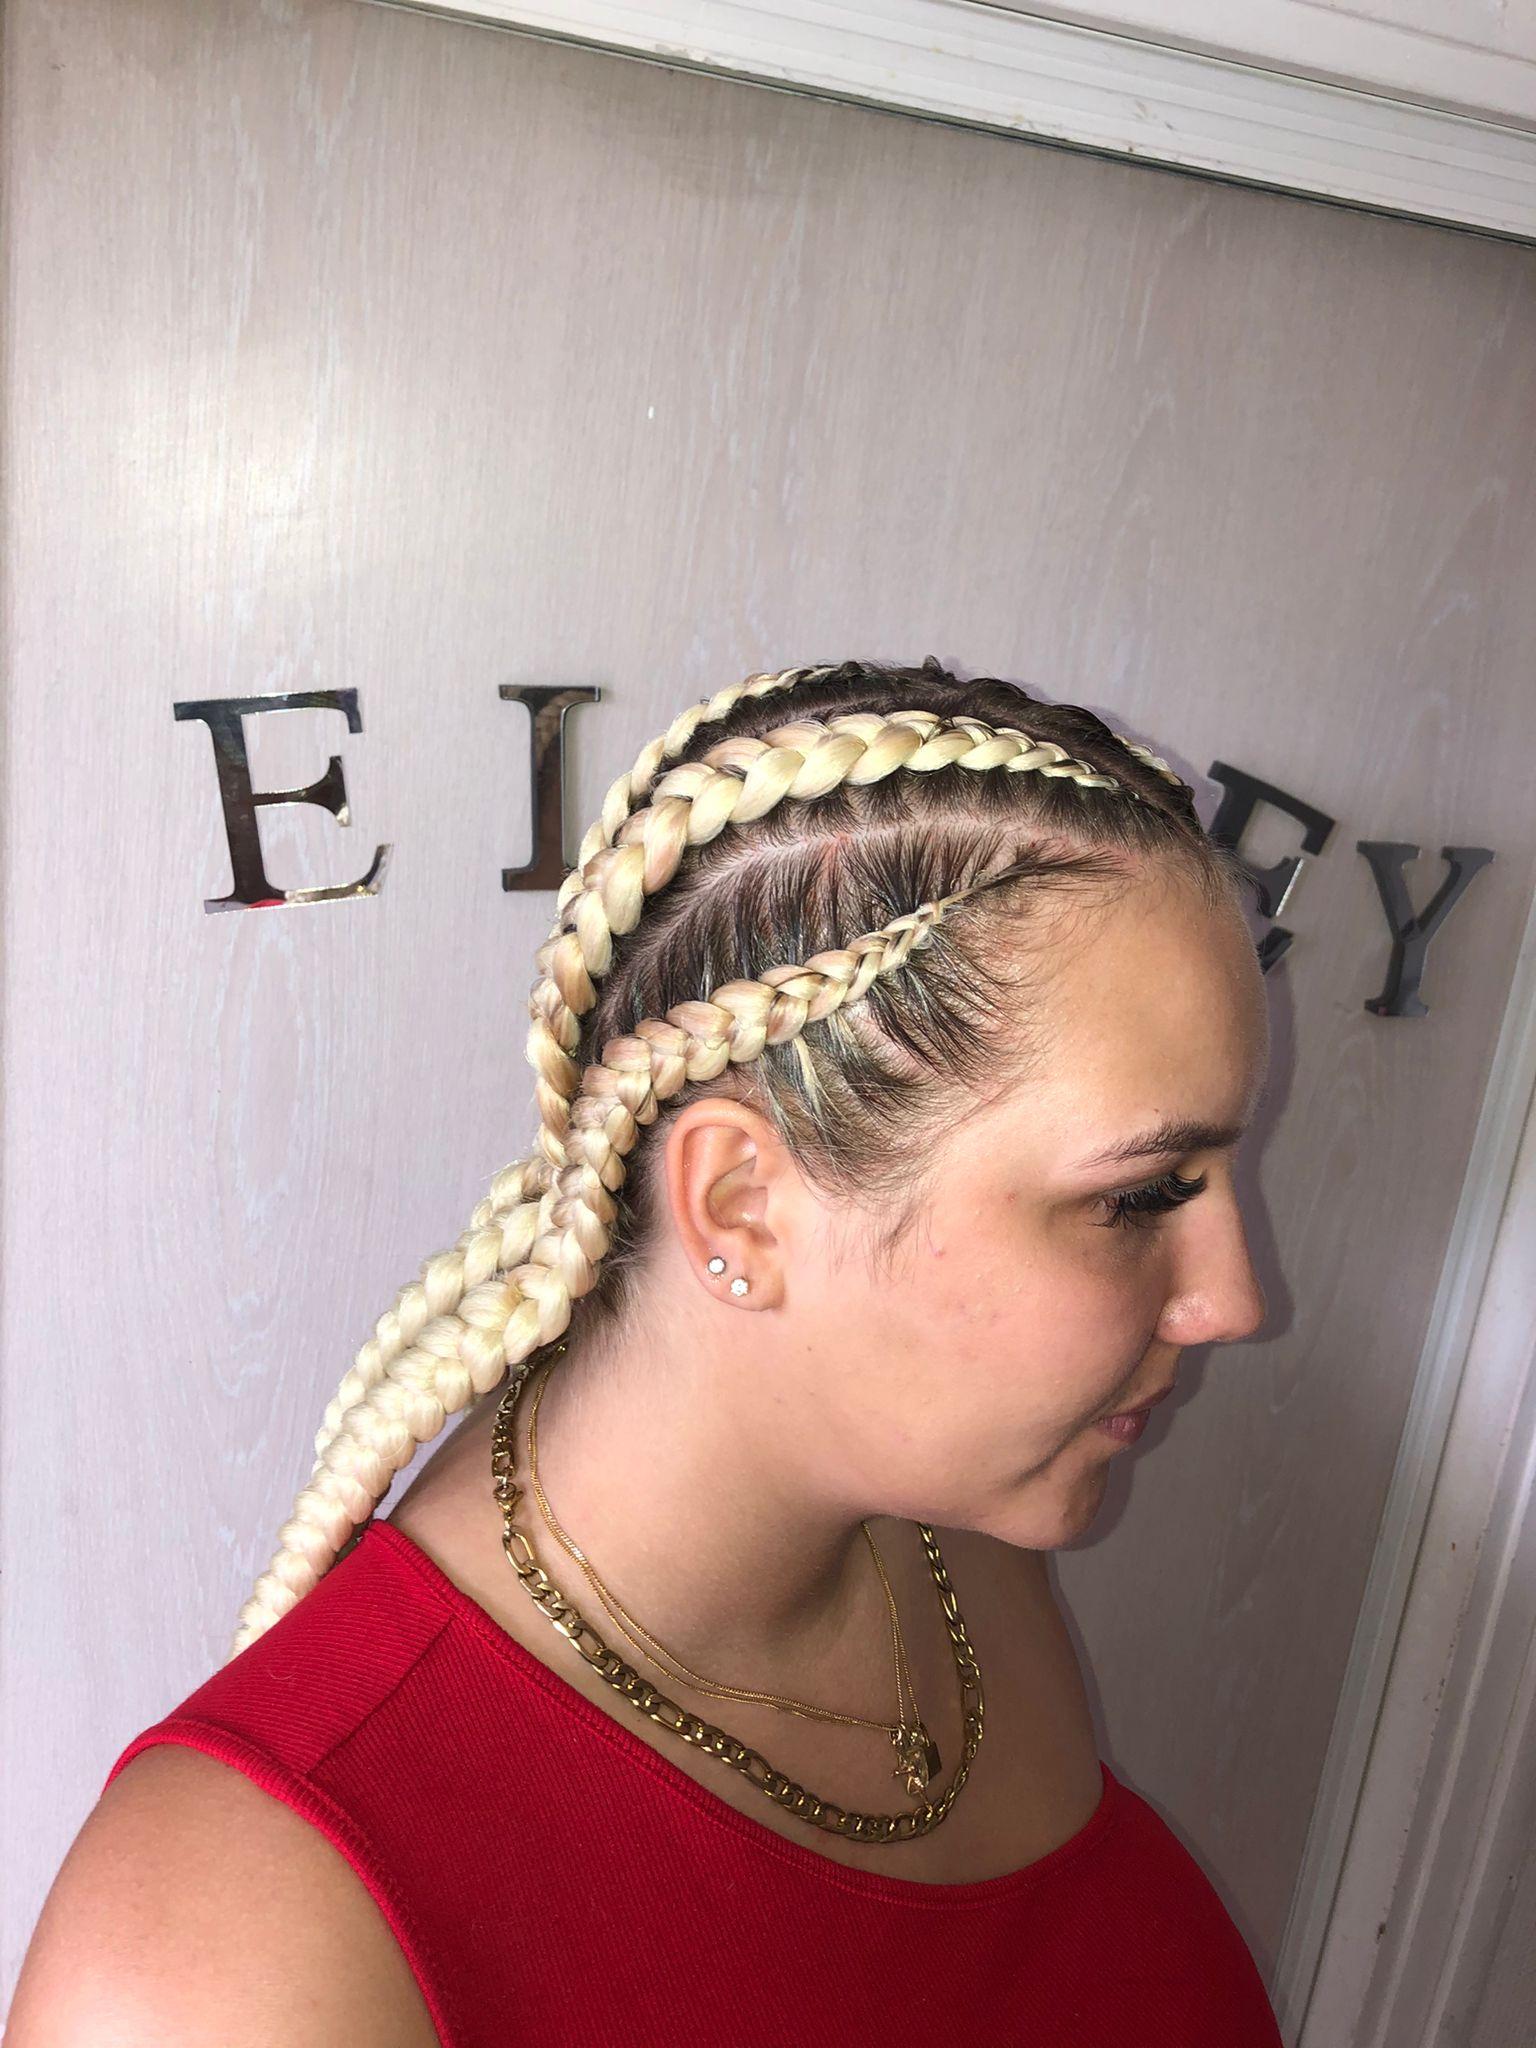 salon de coiffure afro tresse tresses box braids crochet braids vanilles tissages paris 75 77 78 91 92 93 94 95 REXCNFZS